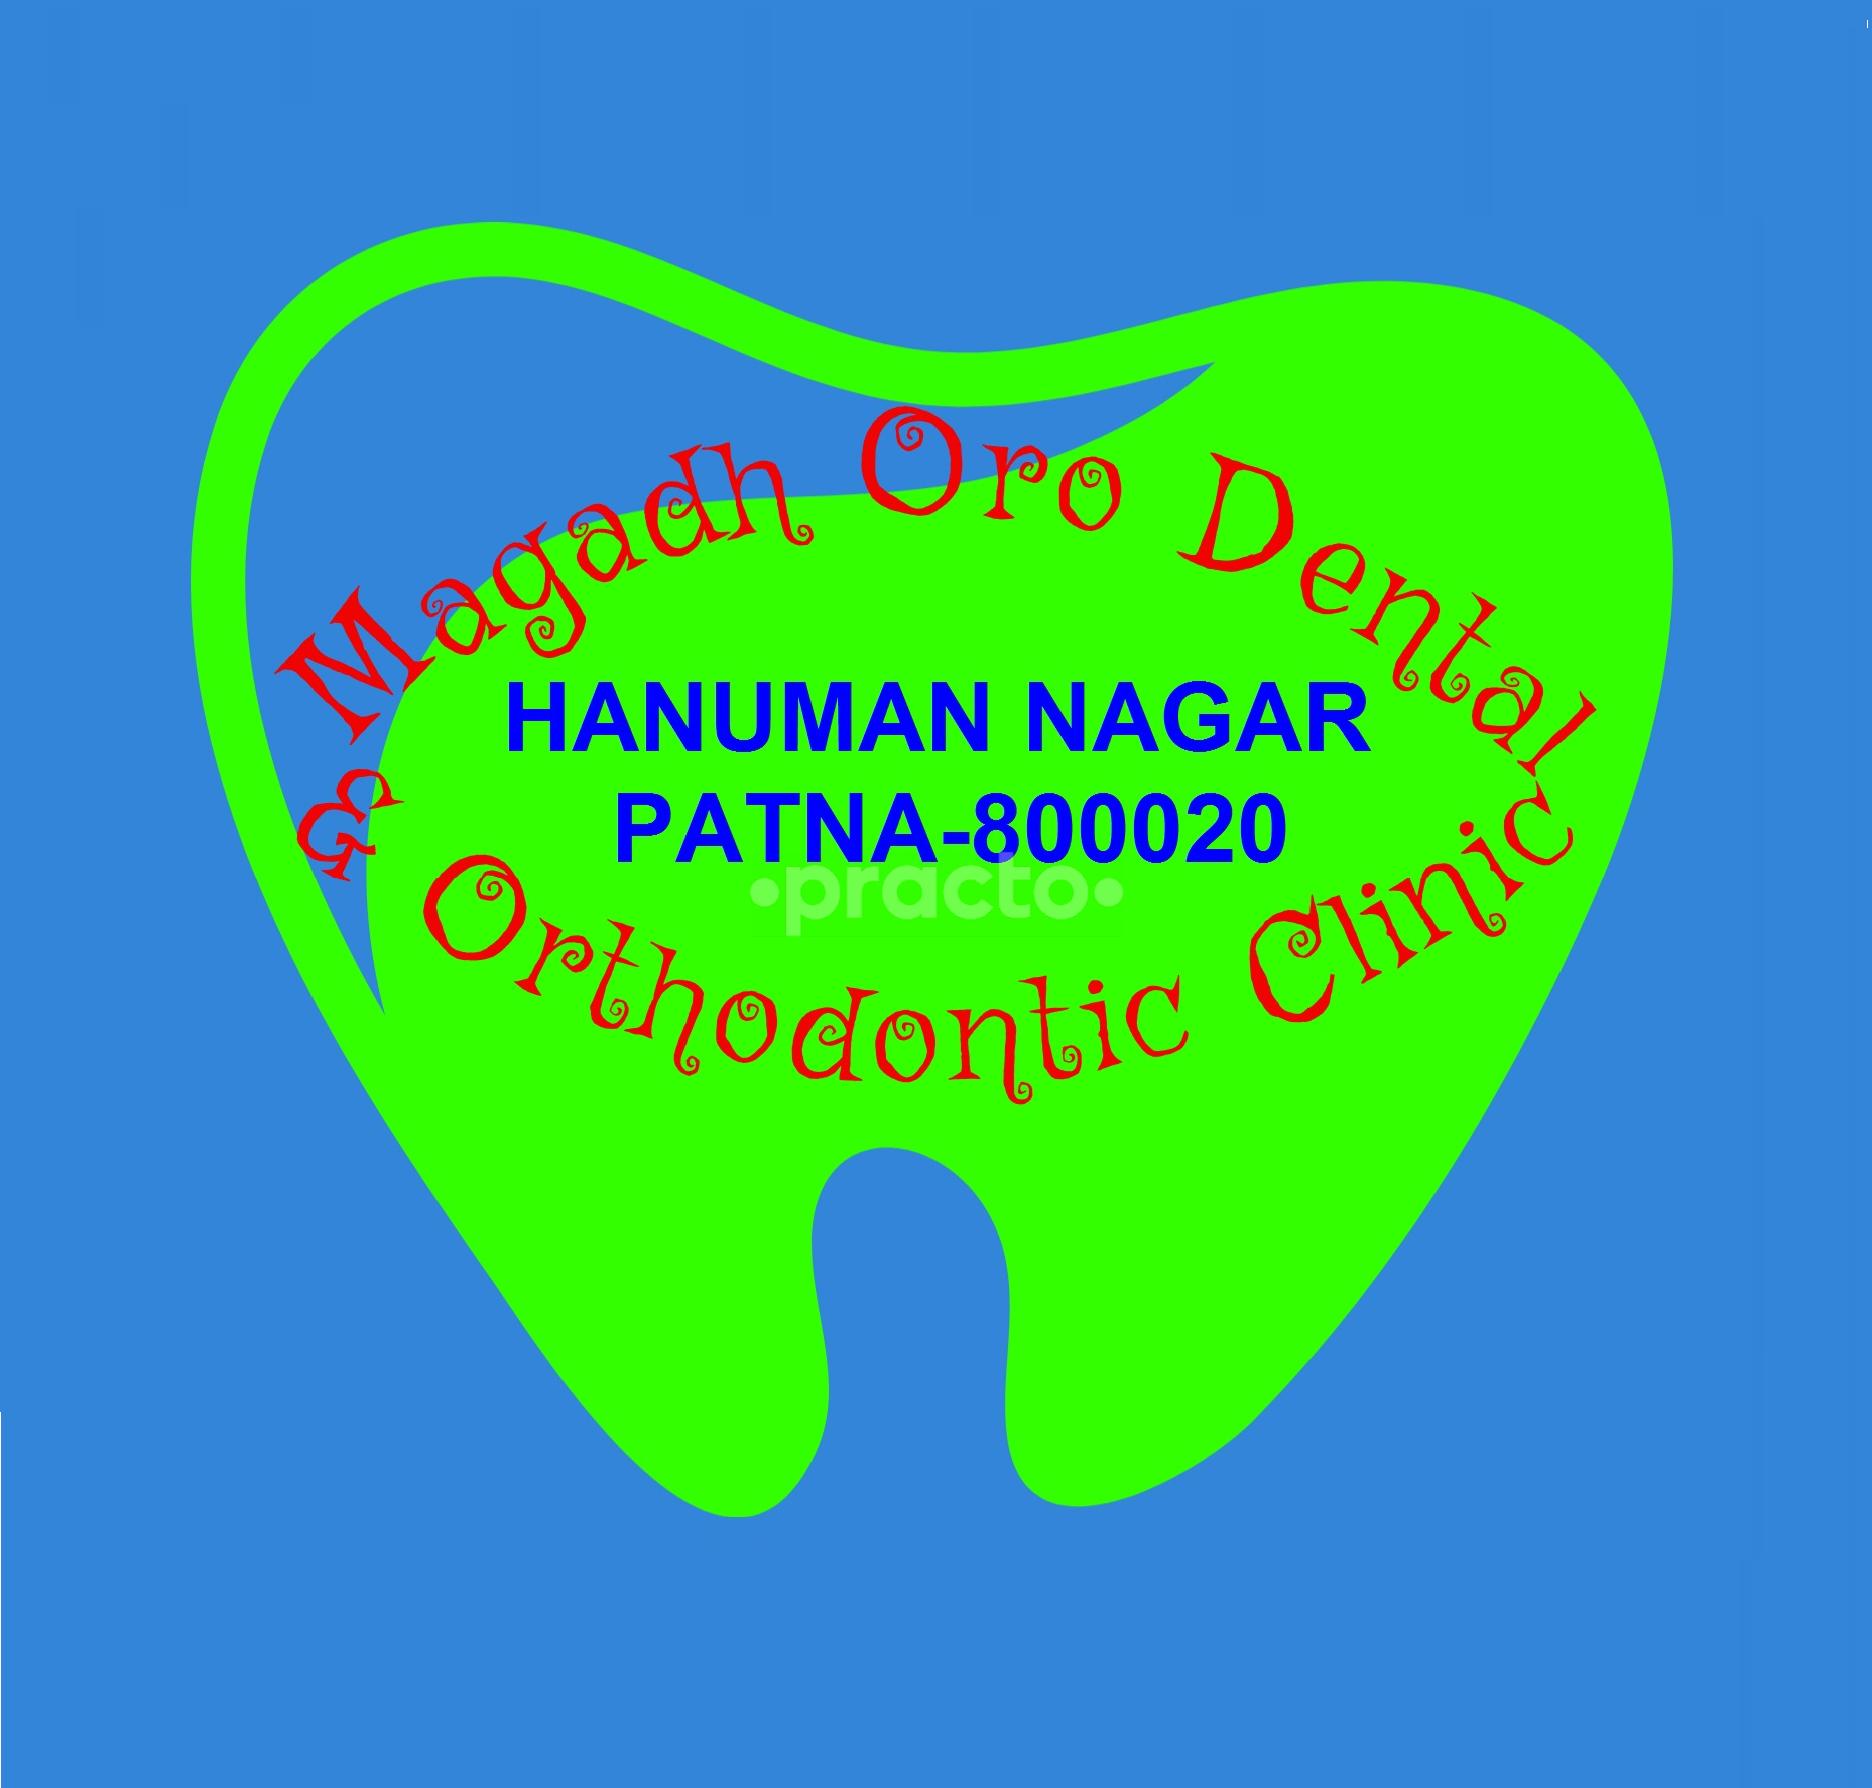 Magadh Oro Dental & Orthodontic Center